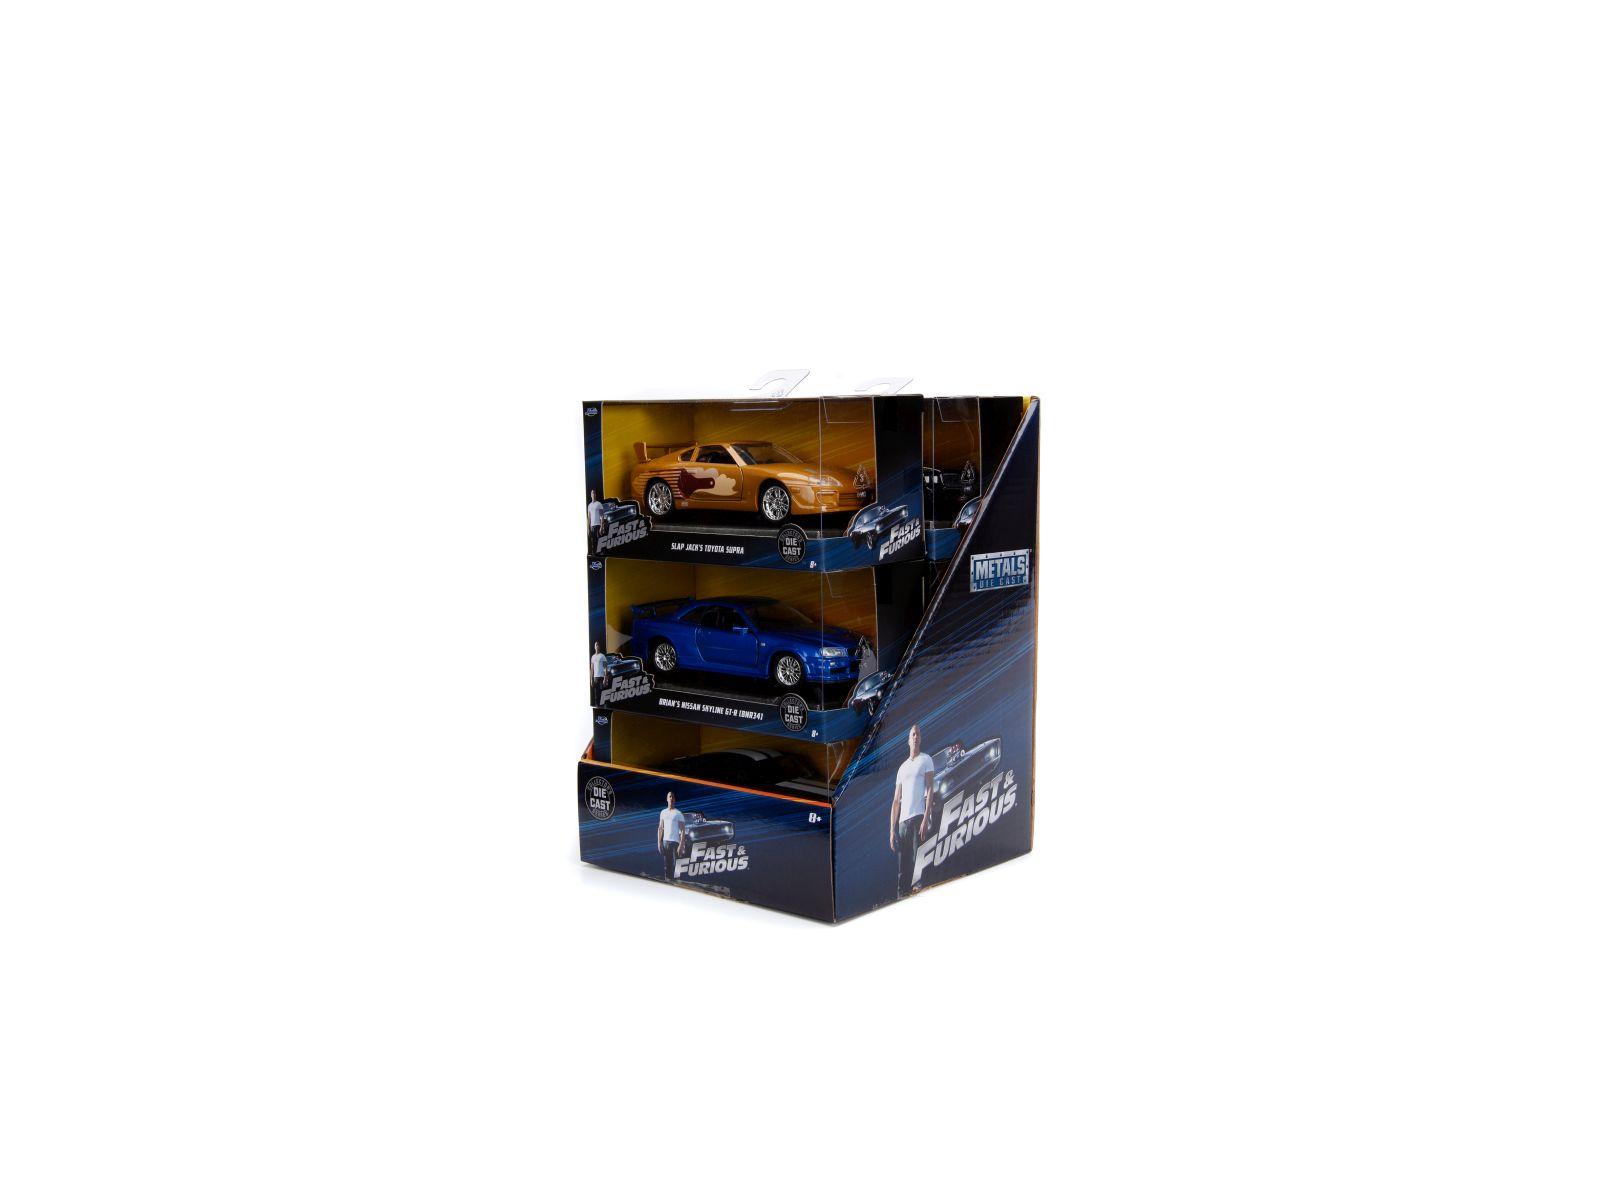 Fast & furious veicoli in display 1:32 die-cast 15 cm -